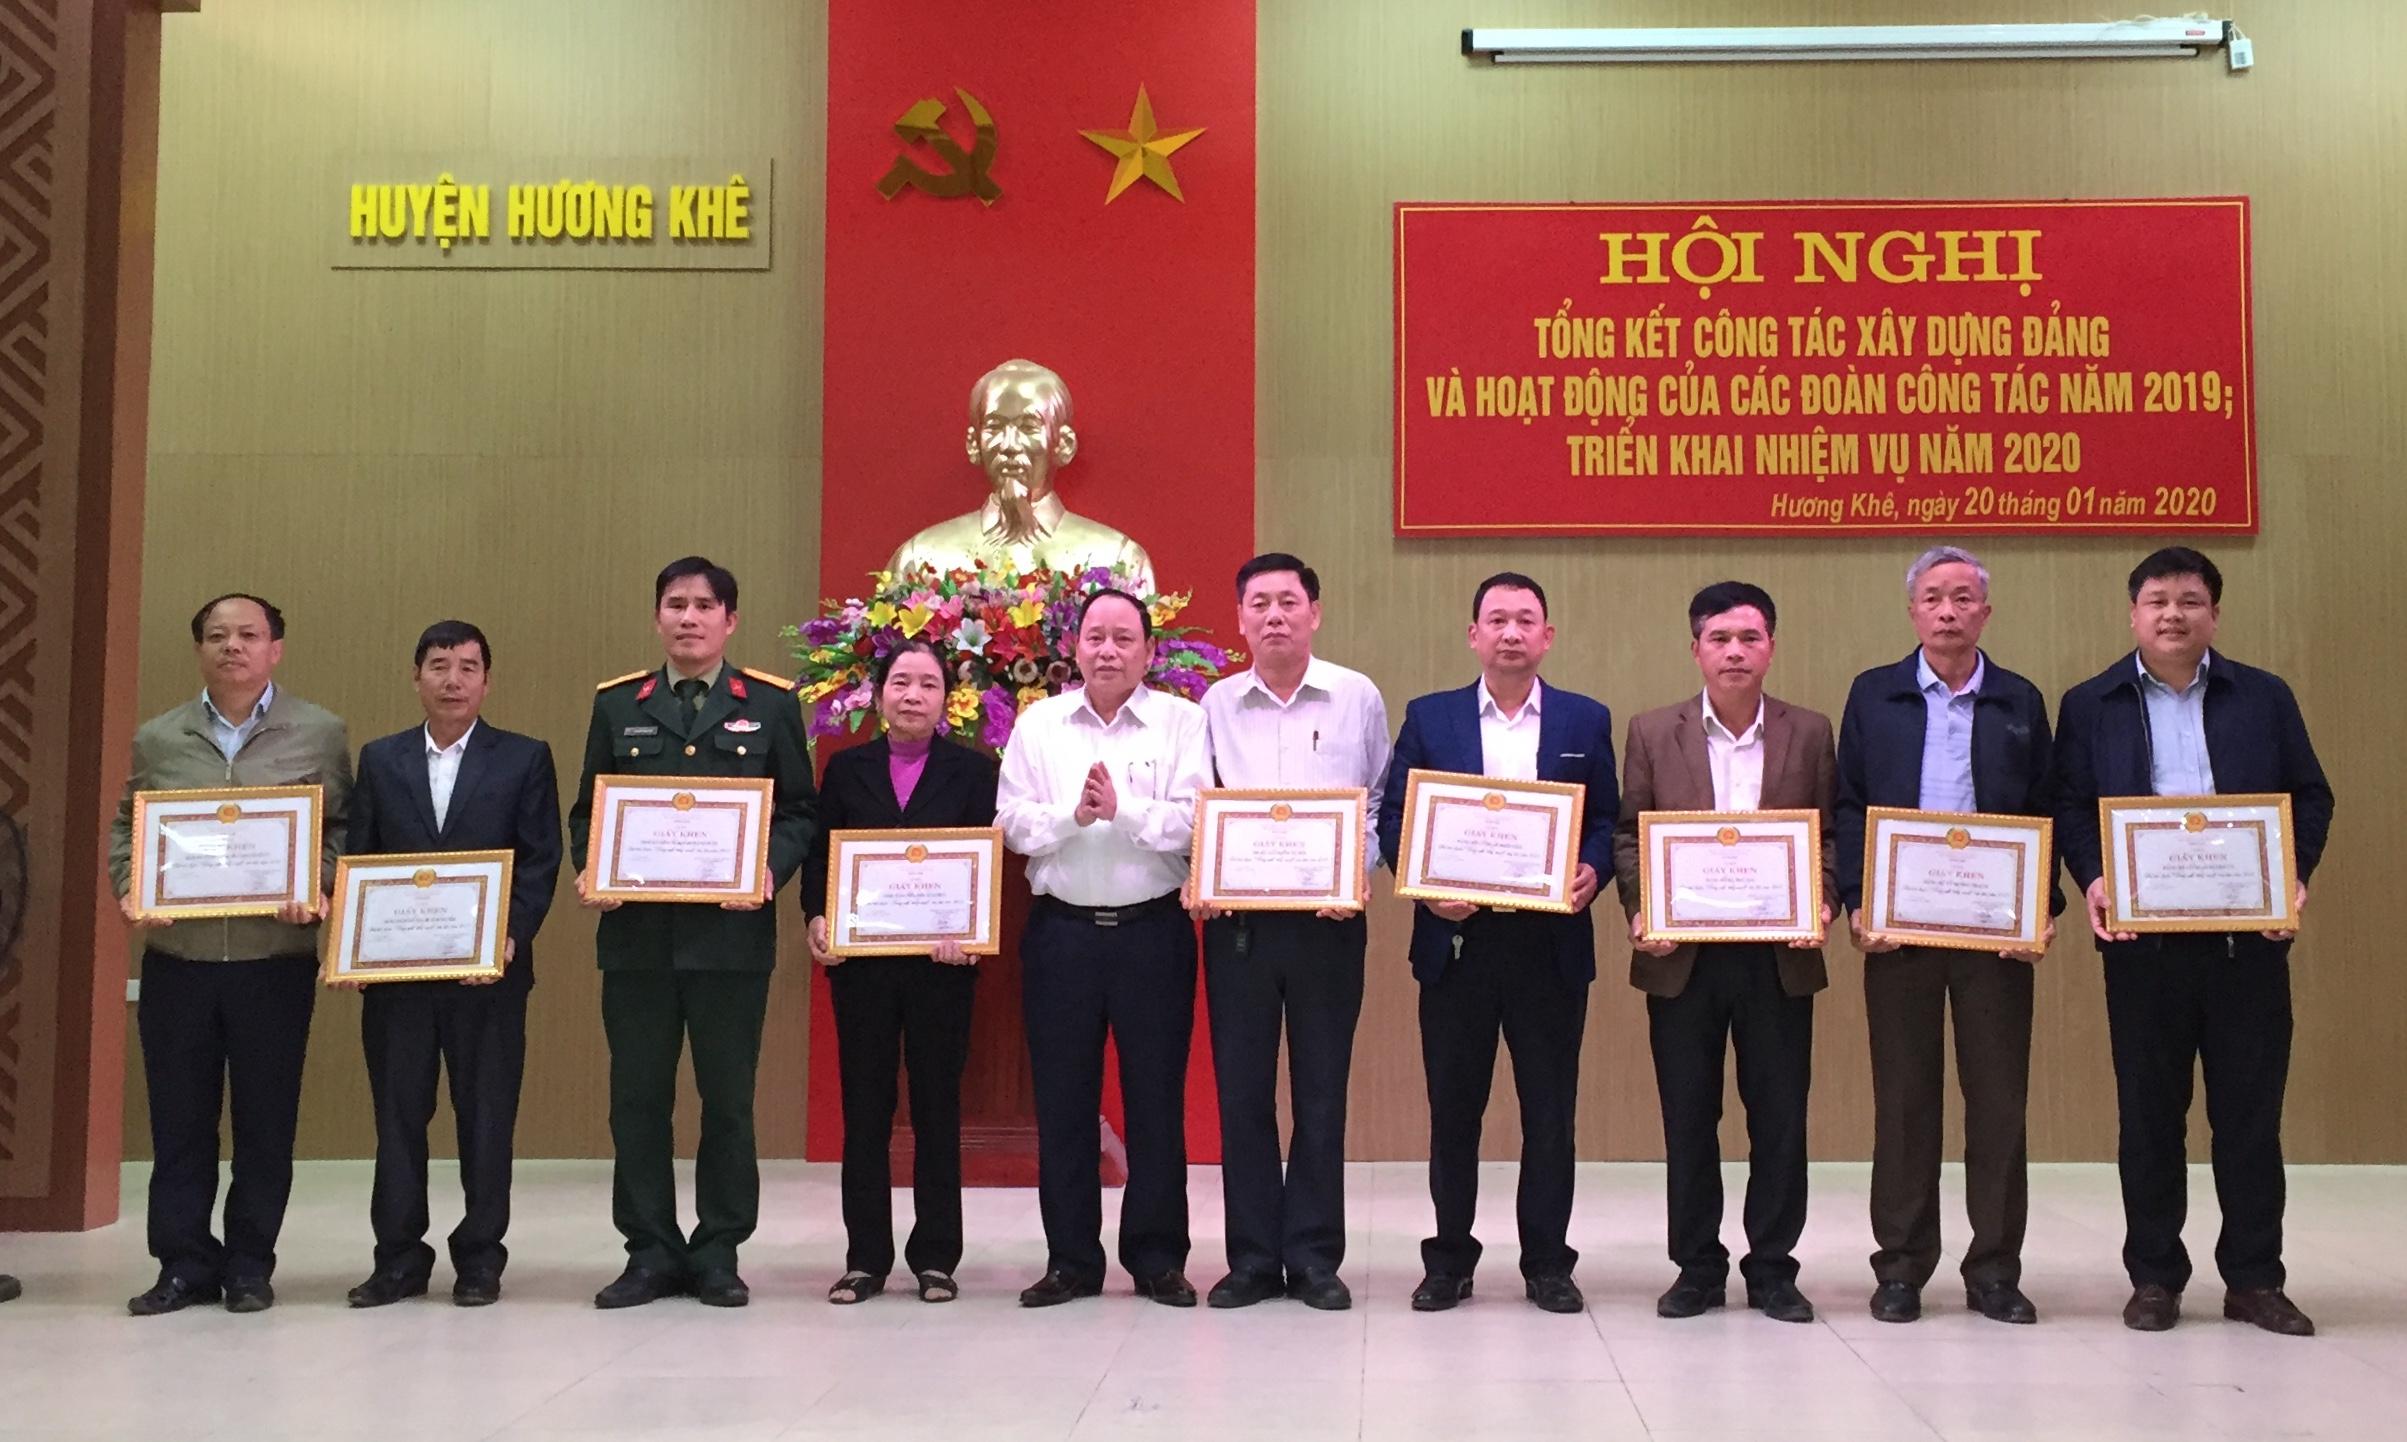 Hương Khê Tổng kết công tác xây dựng Đảng năm 2019, nhiệm vụ 2020